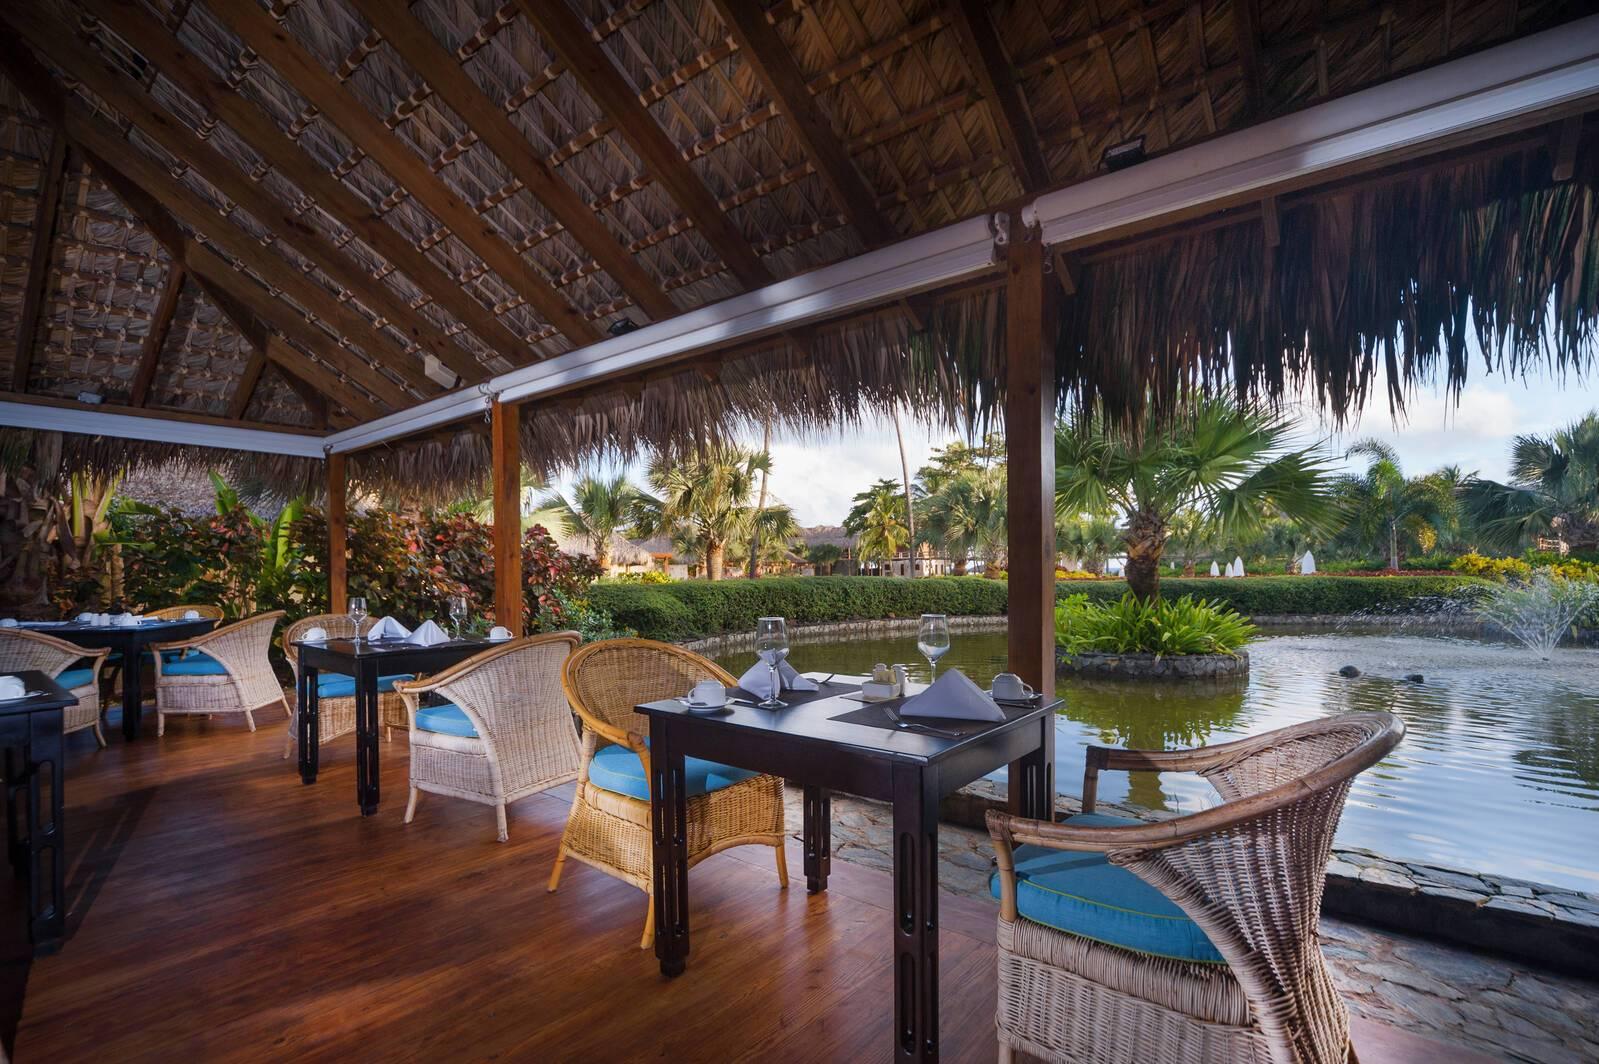 Zoetry Punta Cana Republique Dominicaine restaurant amaya AMResorts